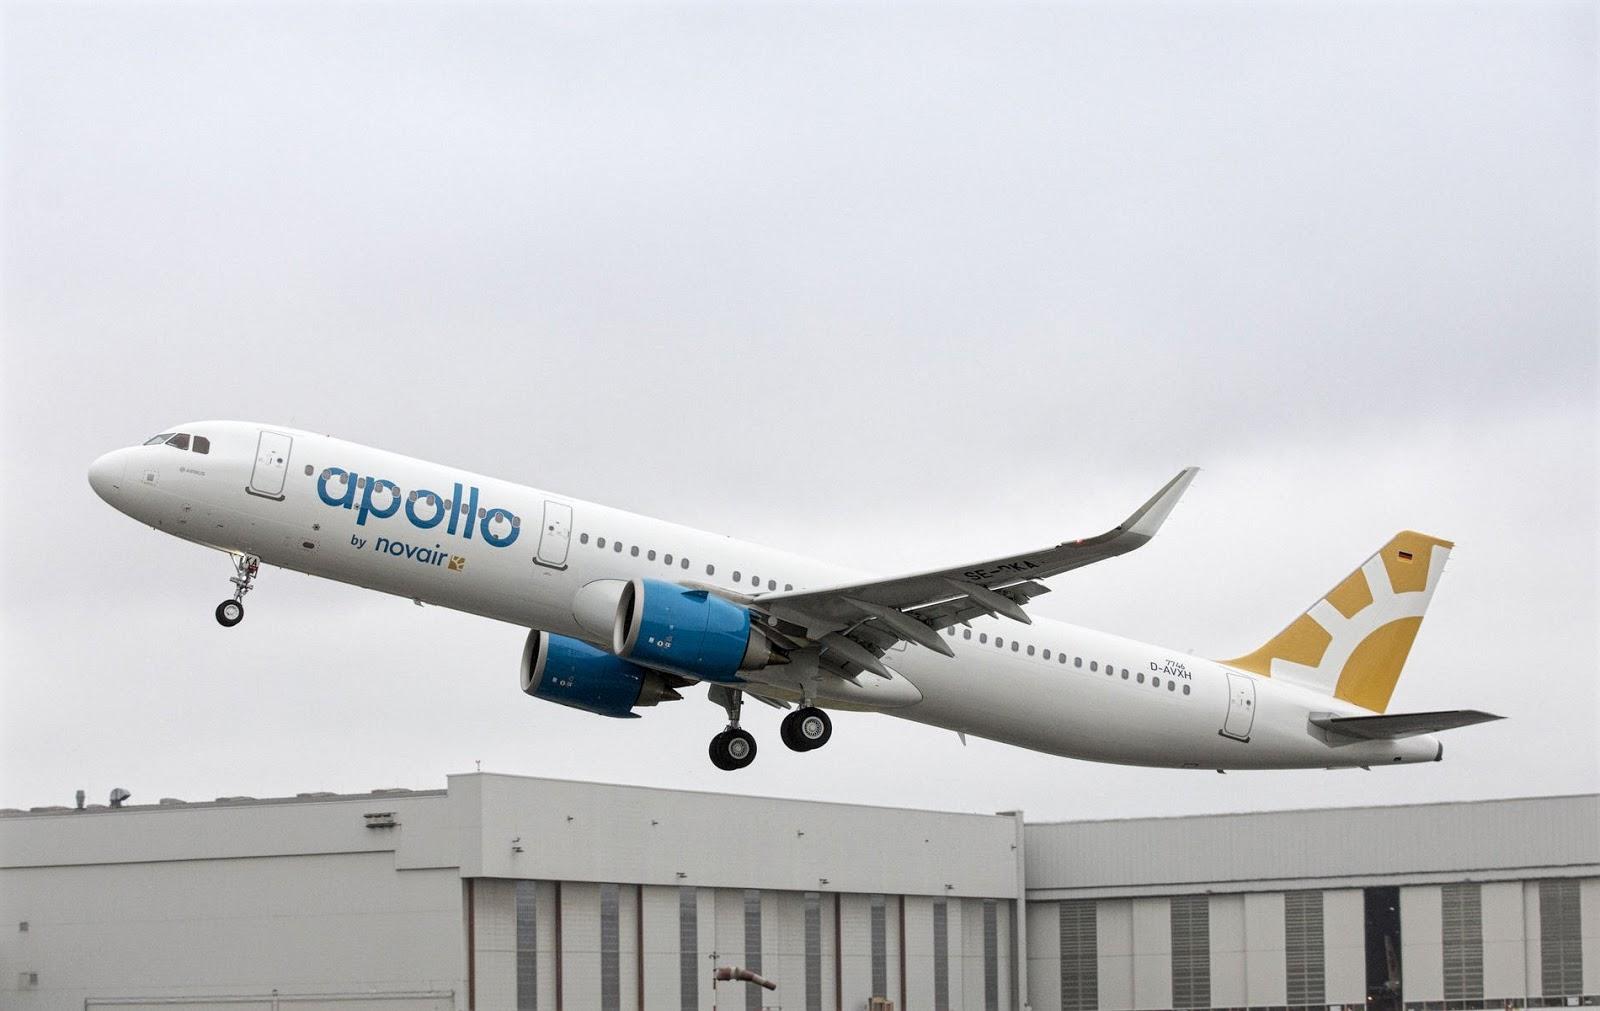 Apollo by NovAir Airbus A321neo Takeoff